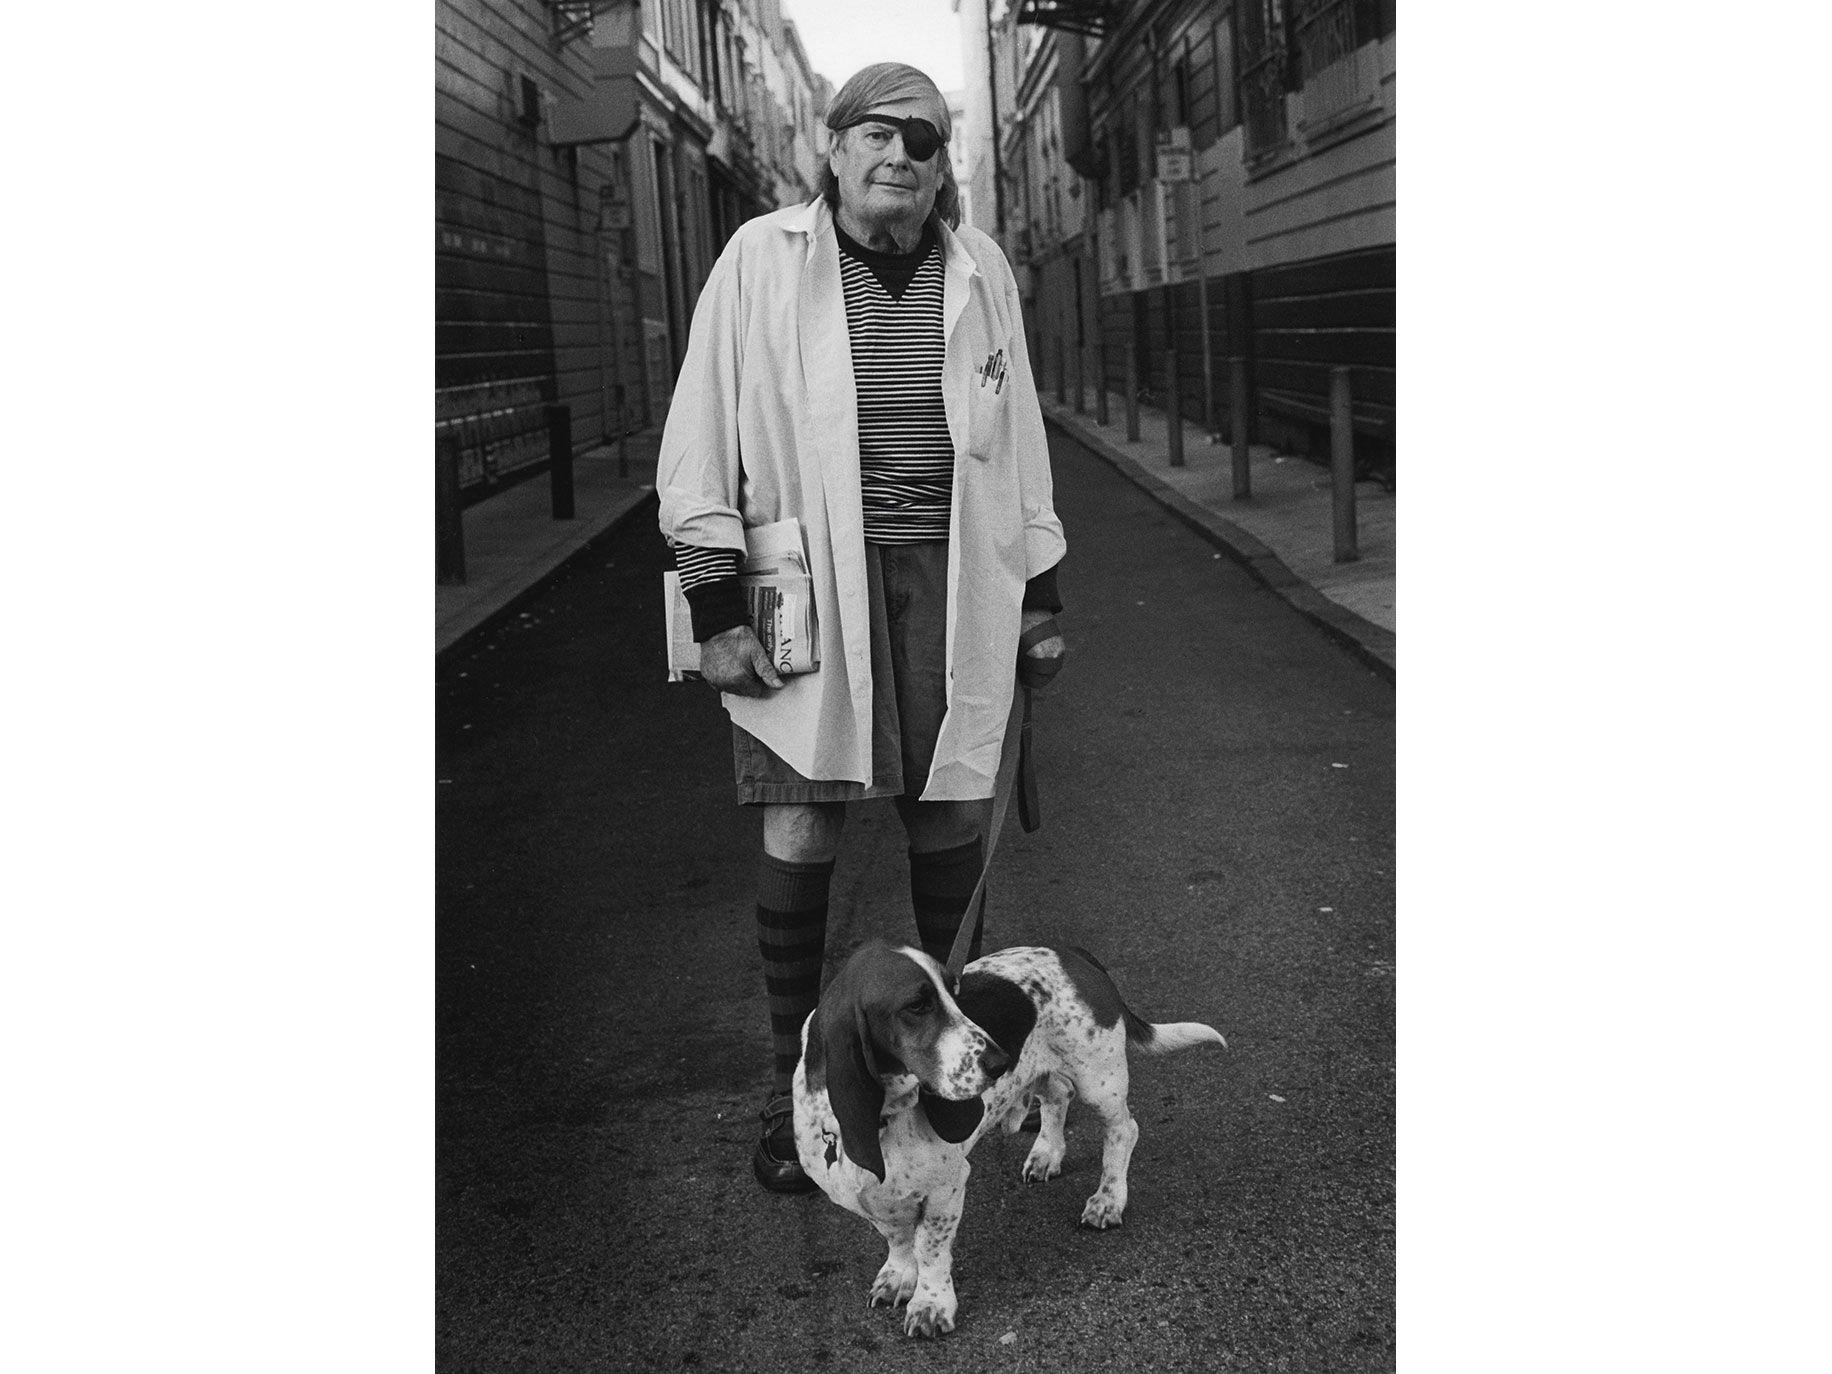 Warren Hickle and his dog Bentley.